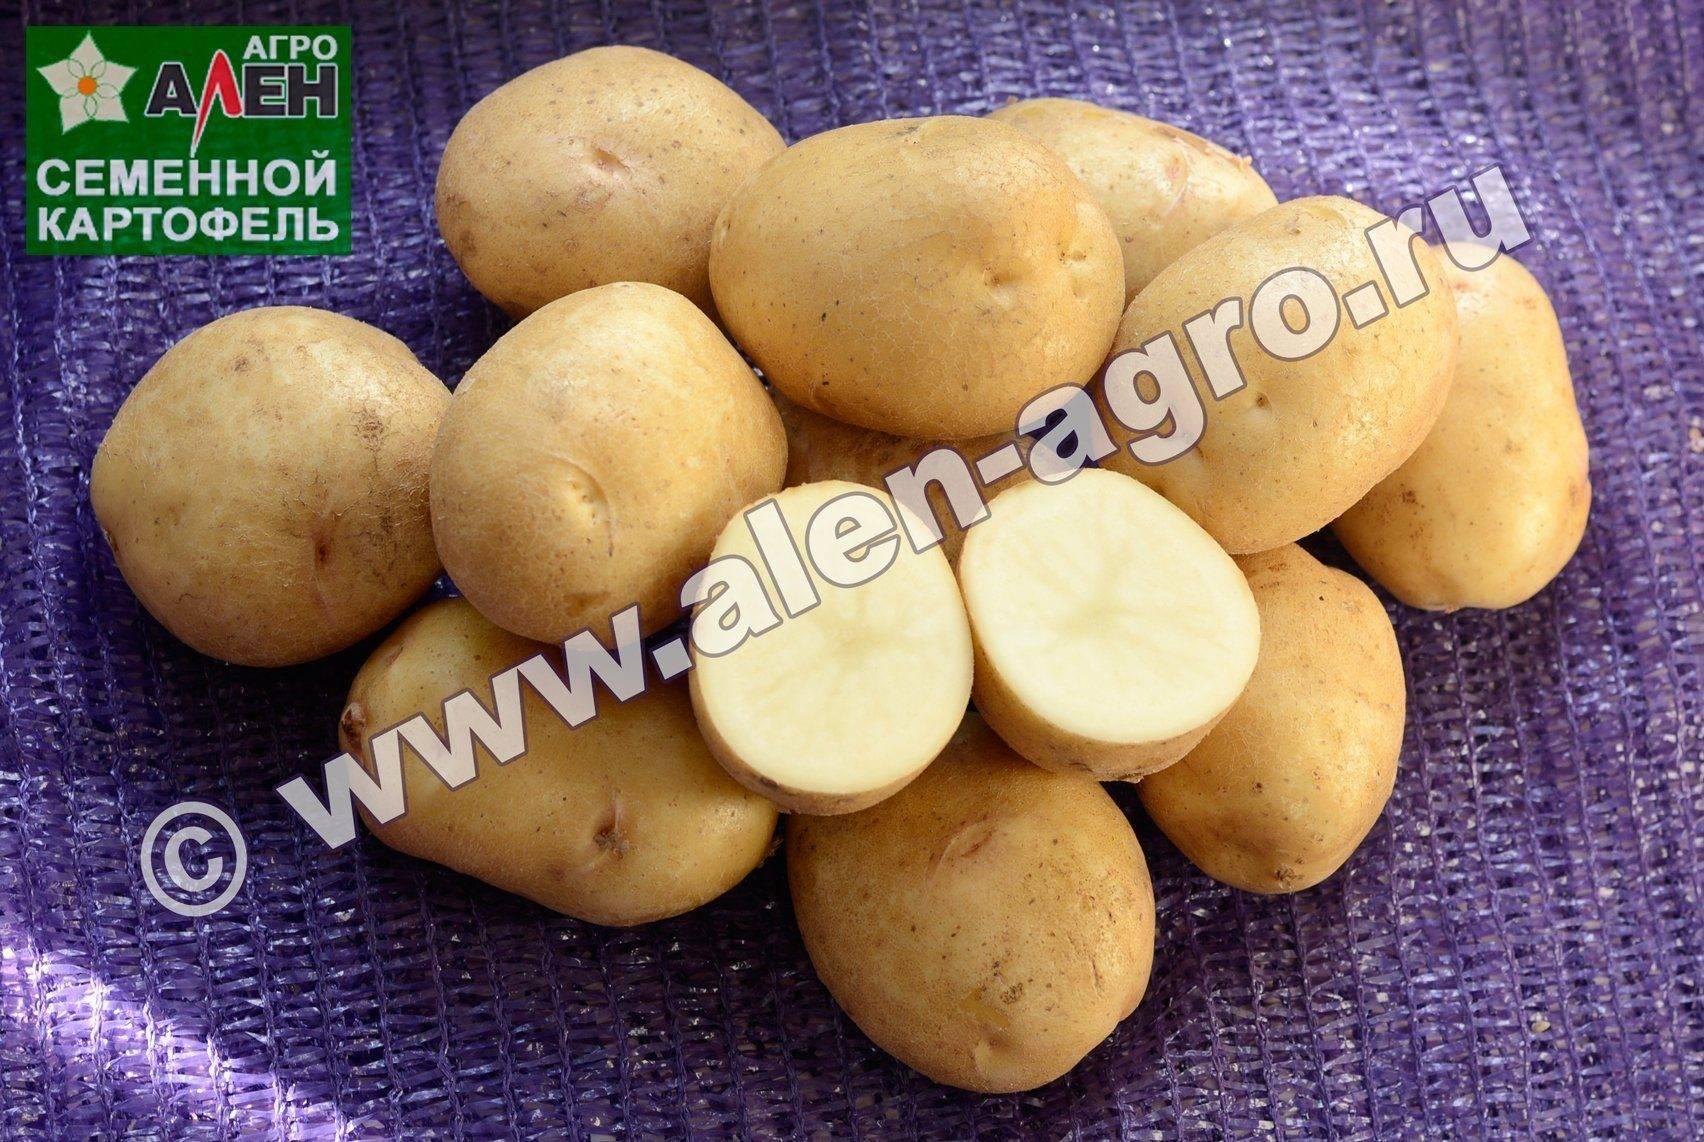 фото битвы картофеля невский поздравляю тебя всей